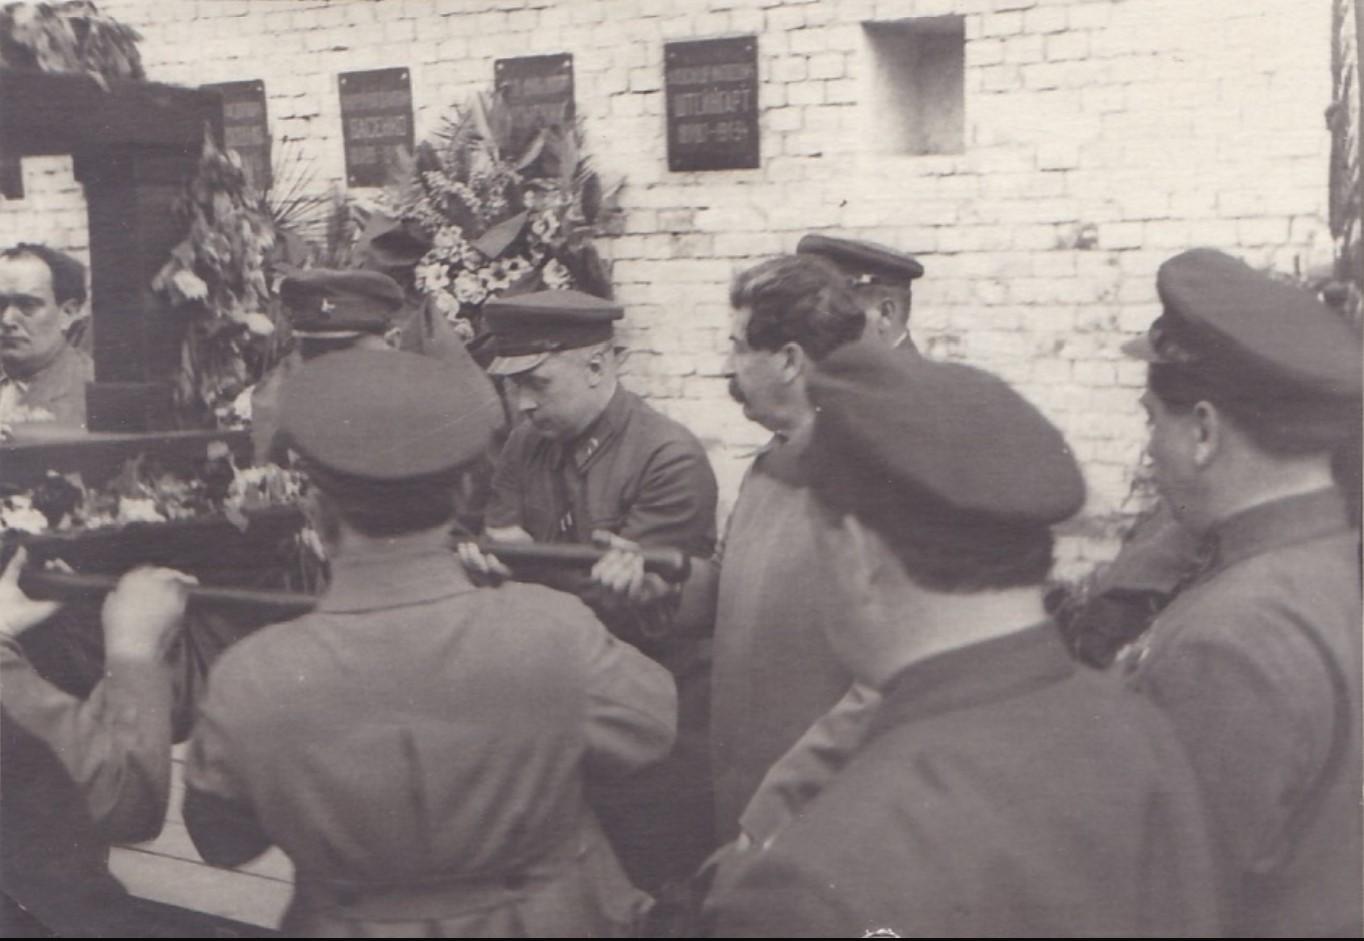 1934. Сталин, Куйбышев у урны с прахом В.Р.Менжинского. Москва